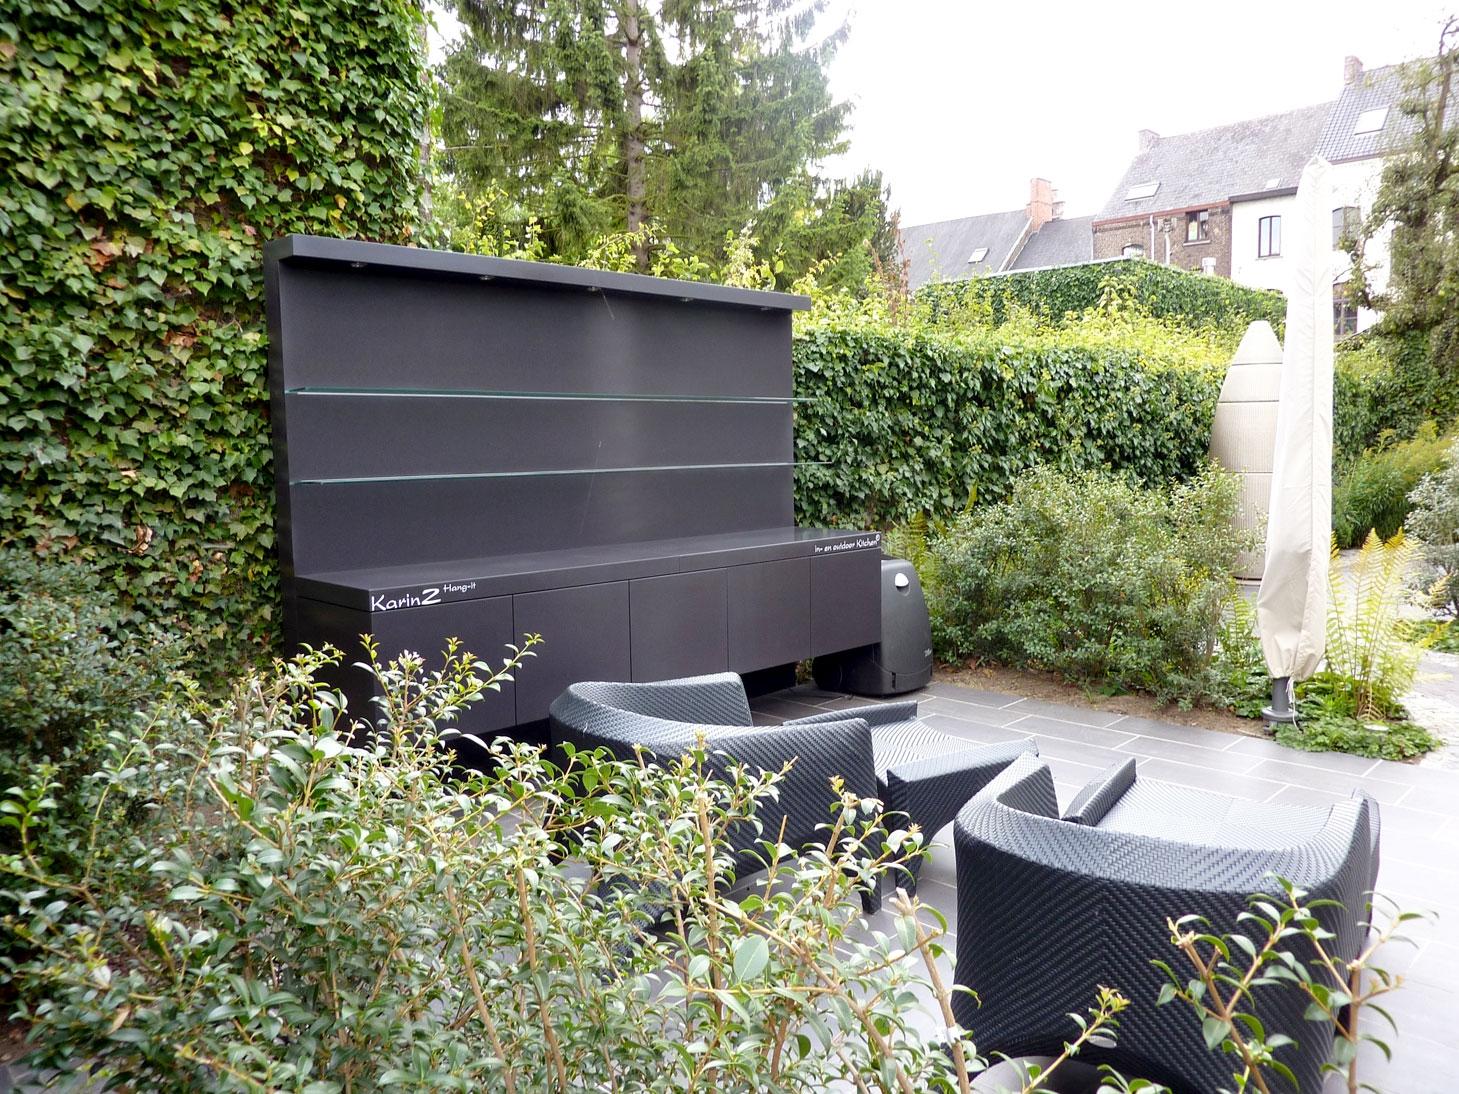 Strakke wandeltuin met een moderne toets realisaties project kristof vanderheyden tuindesign - Designer tuin ...